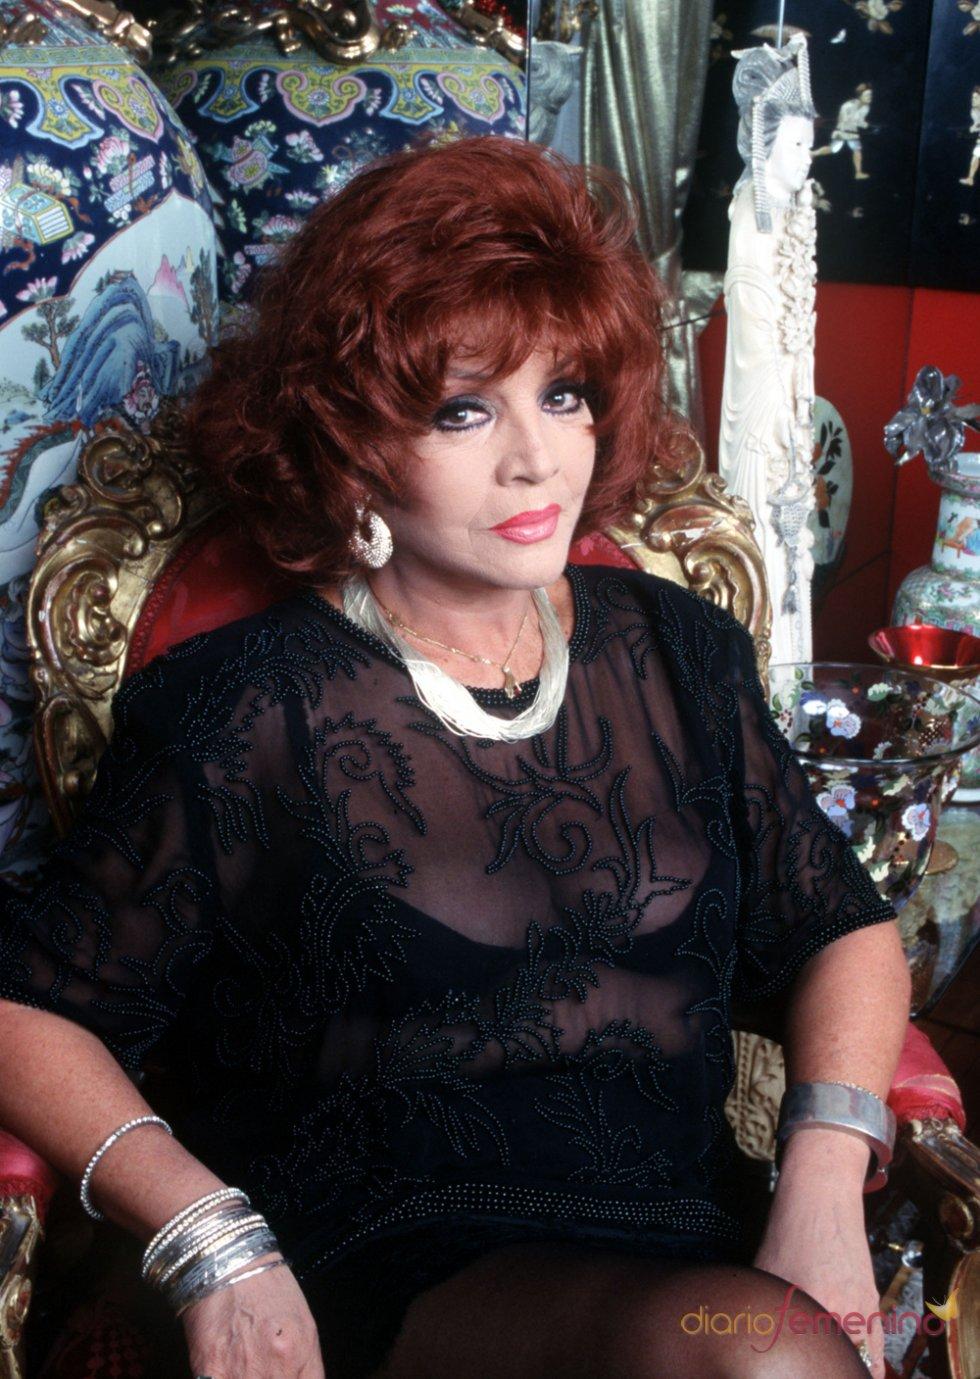 El posado de Sara Montiel con motivo de la Navidad 1997